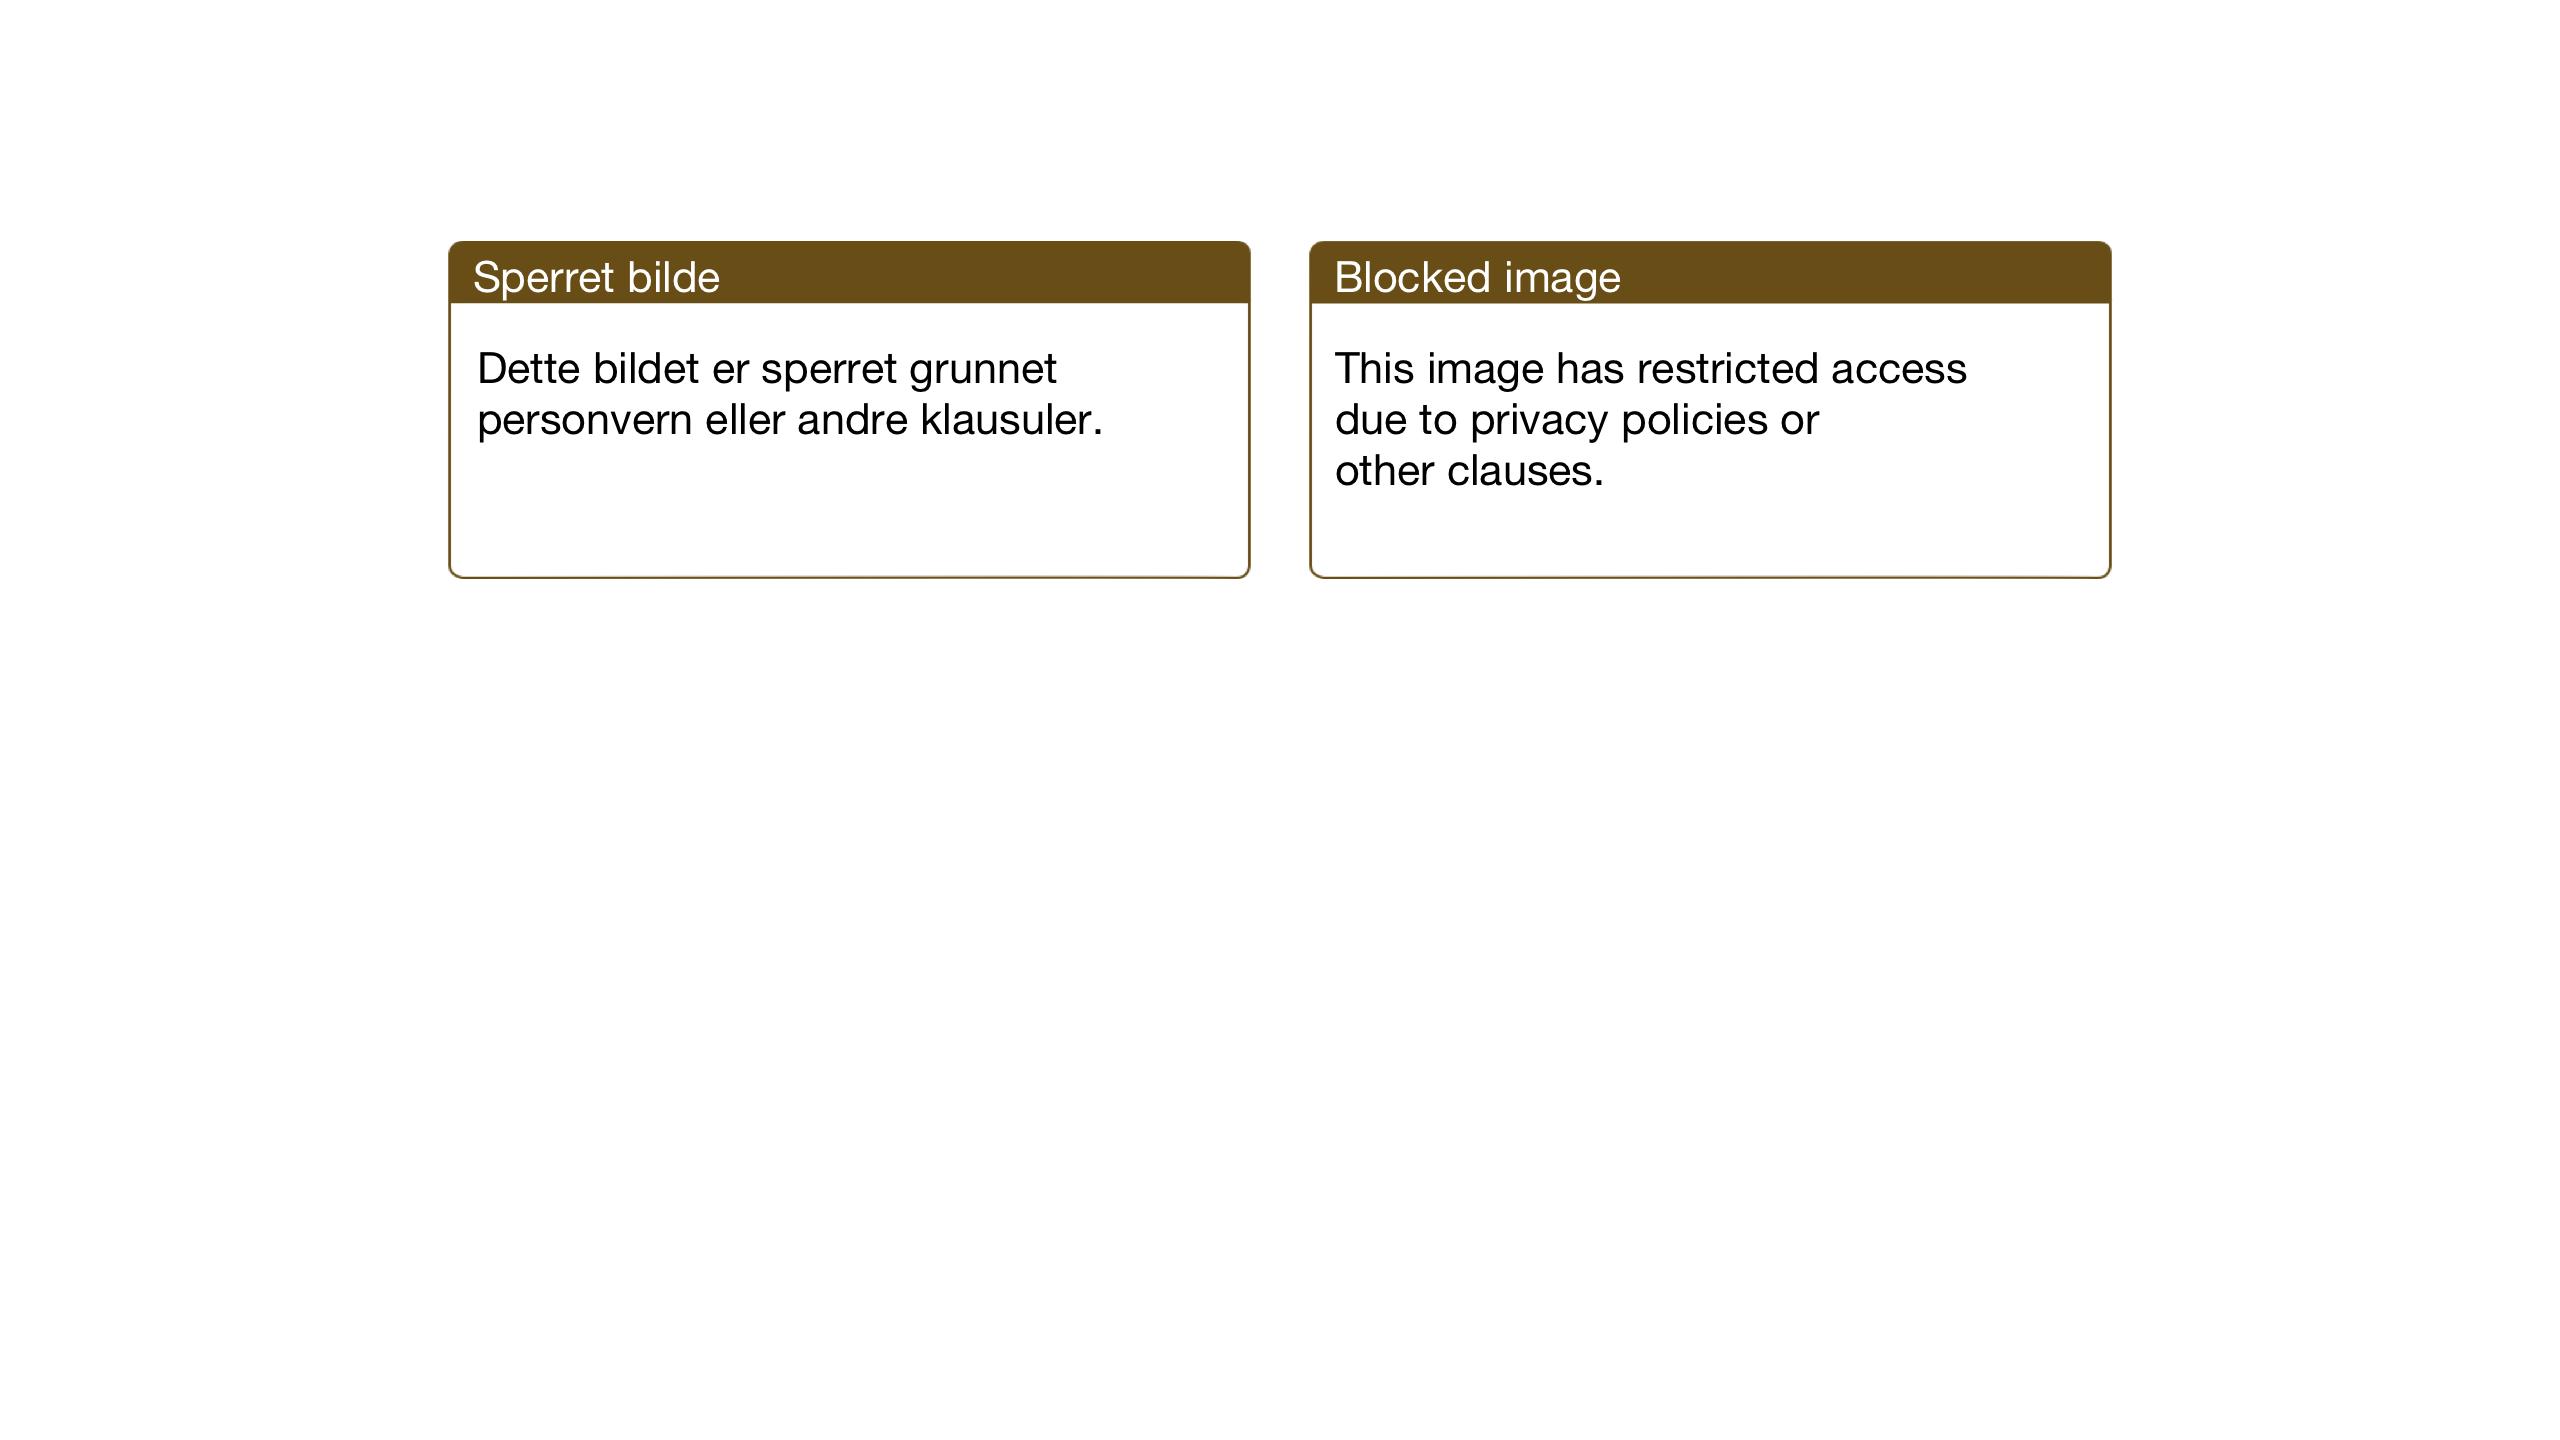 SAT, Ministerialprotokoller, klokkerbøker og fødselsregistre - Sør-Trøndelag, 674/L0878: Klokkerbok nr. 674C05, 1941-1950, s. 77